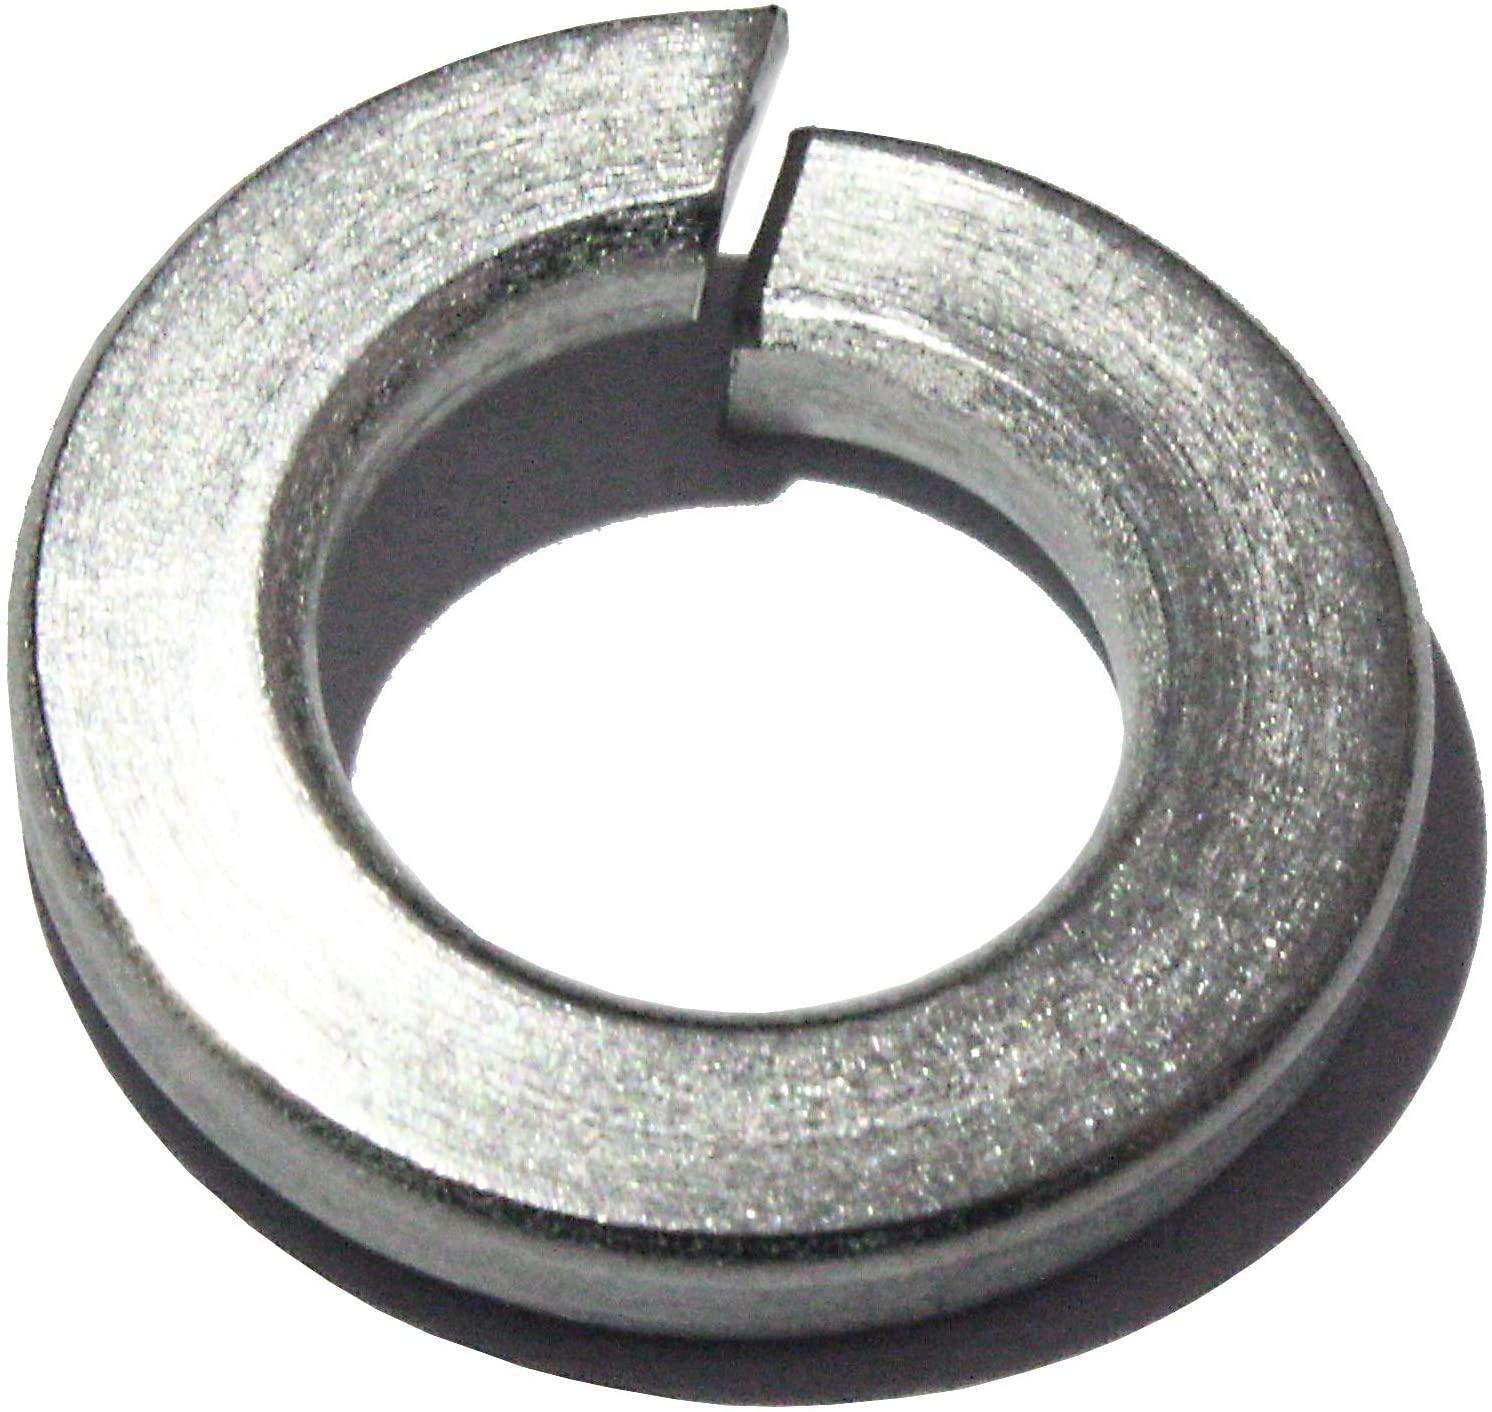 M6 Split Lock Washer, Stainless Steel, 100pcs, by Fullerkreg